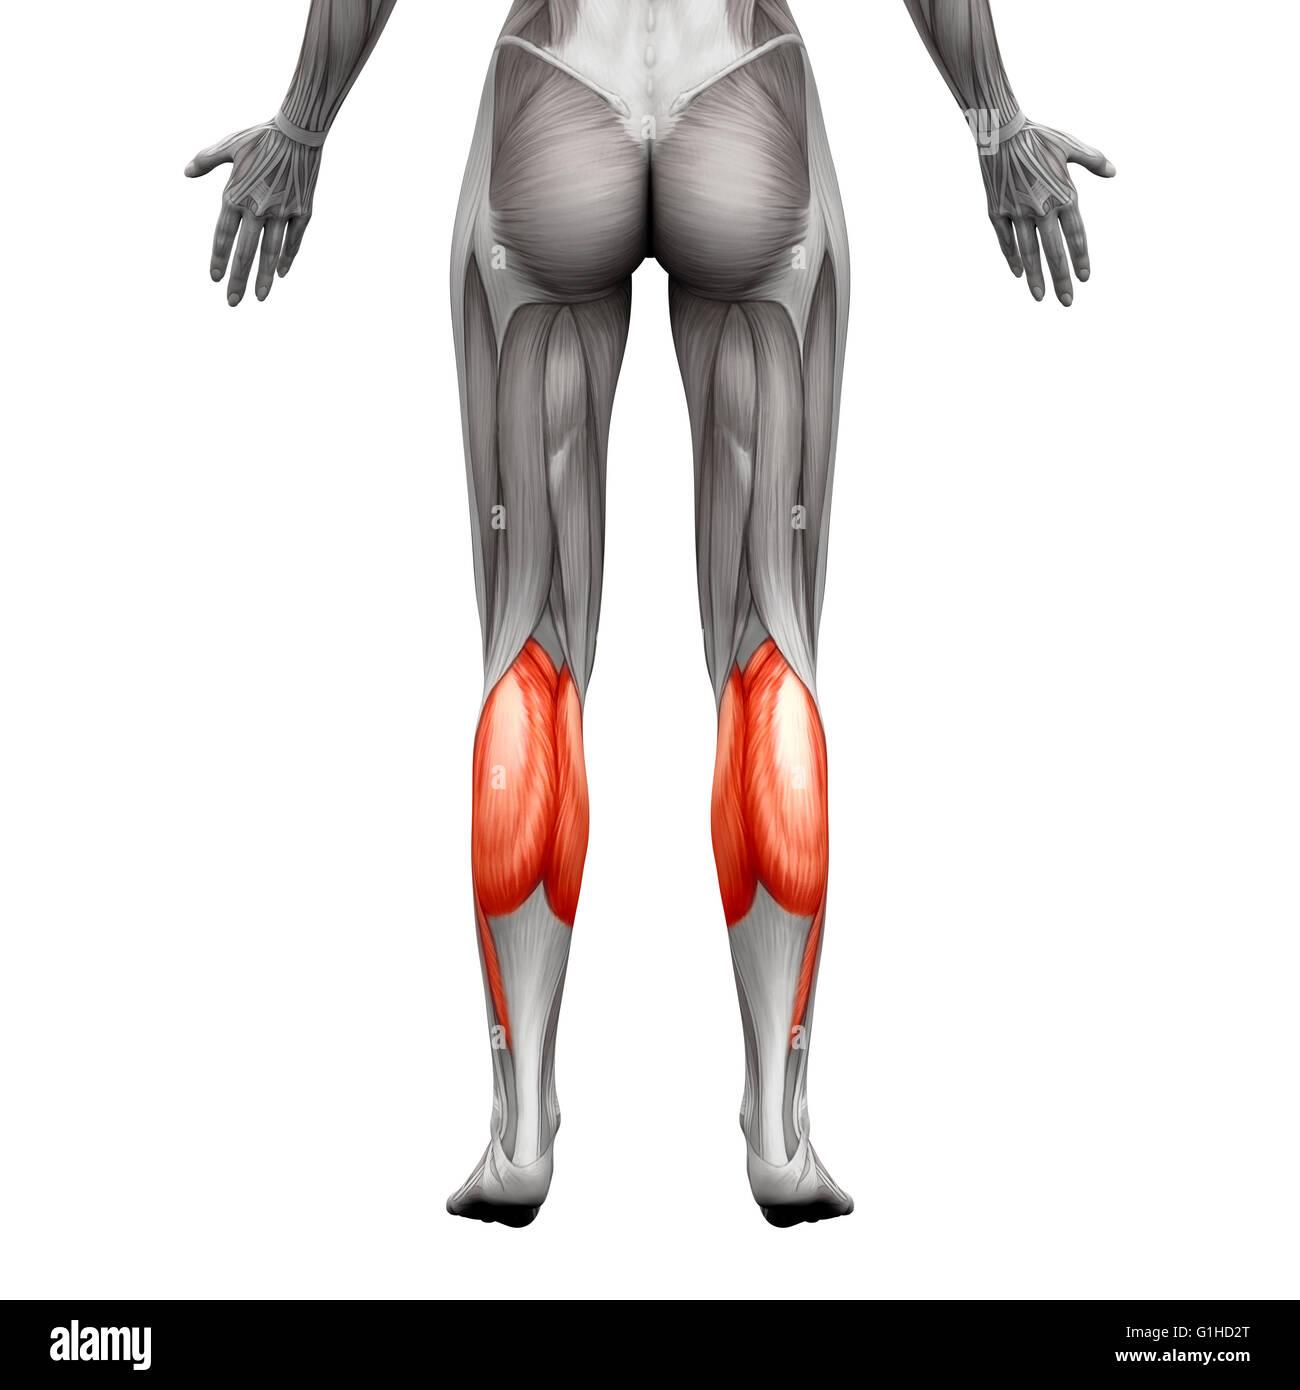 Músculo de la Pantorrilla - Anatomía músculo gastrocnemio, Plantar ...